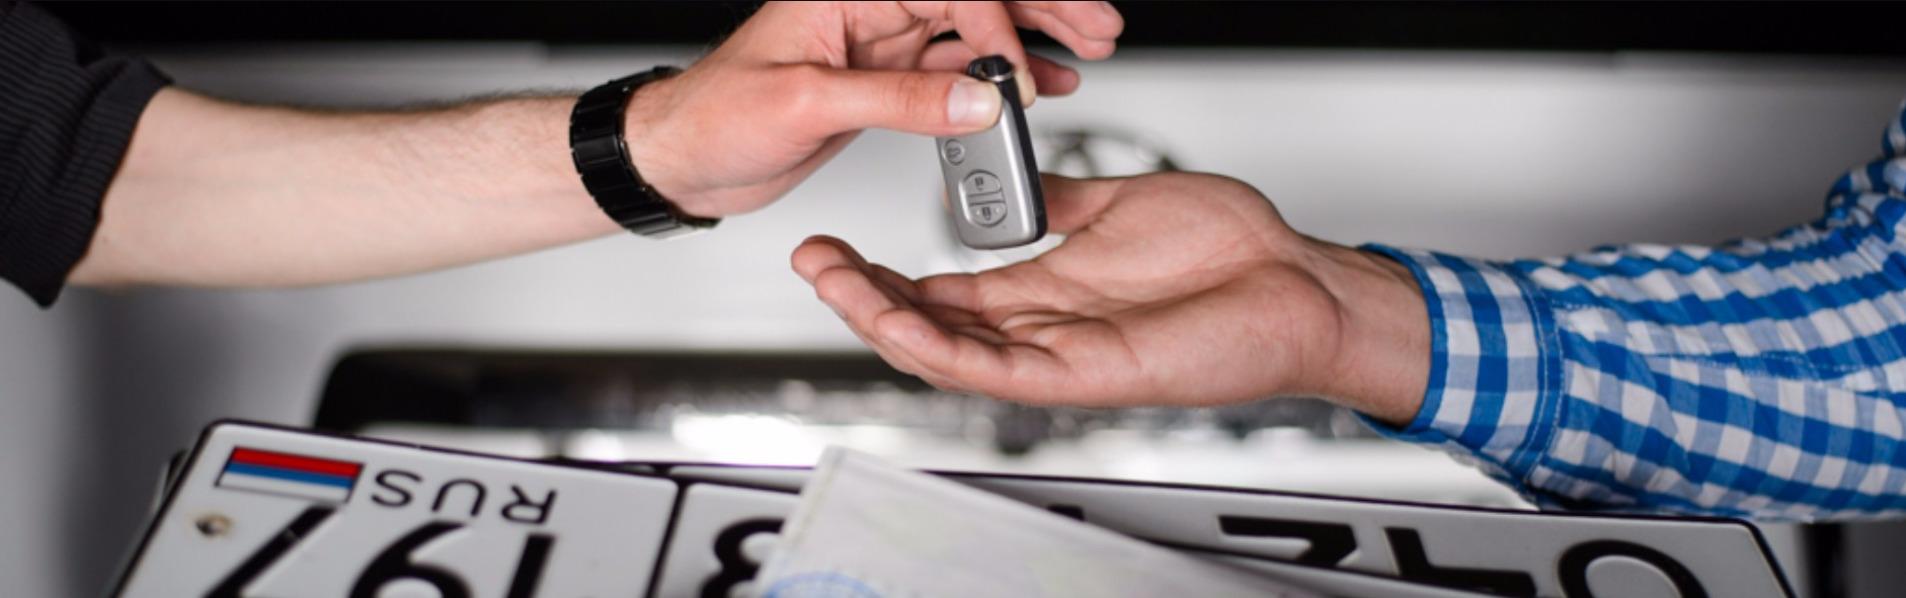 Необходимые документы для постановки автомобиля на учет в гибдд новой машины